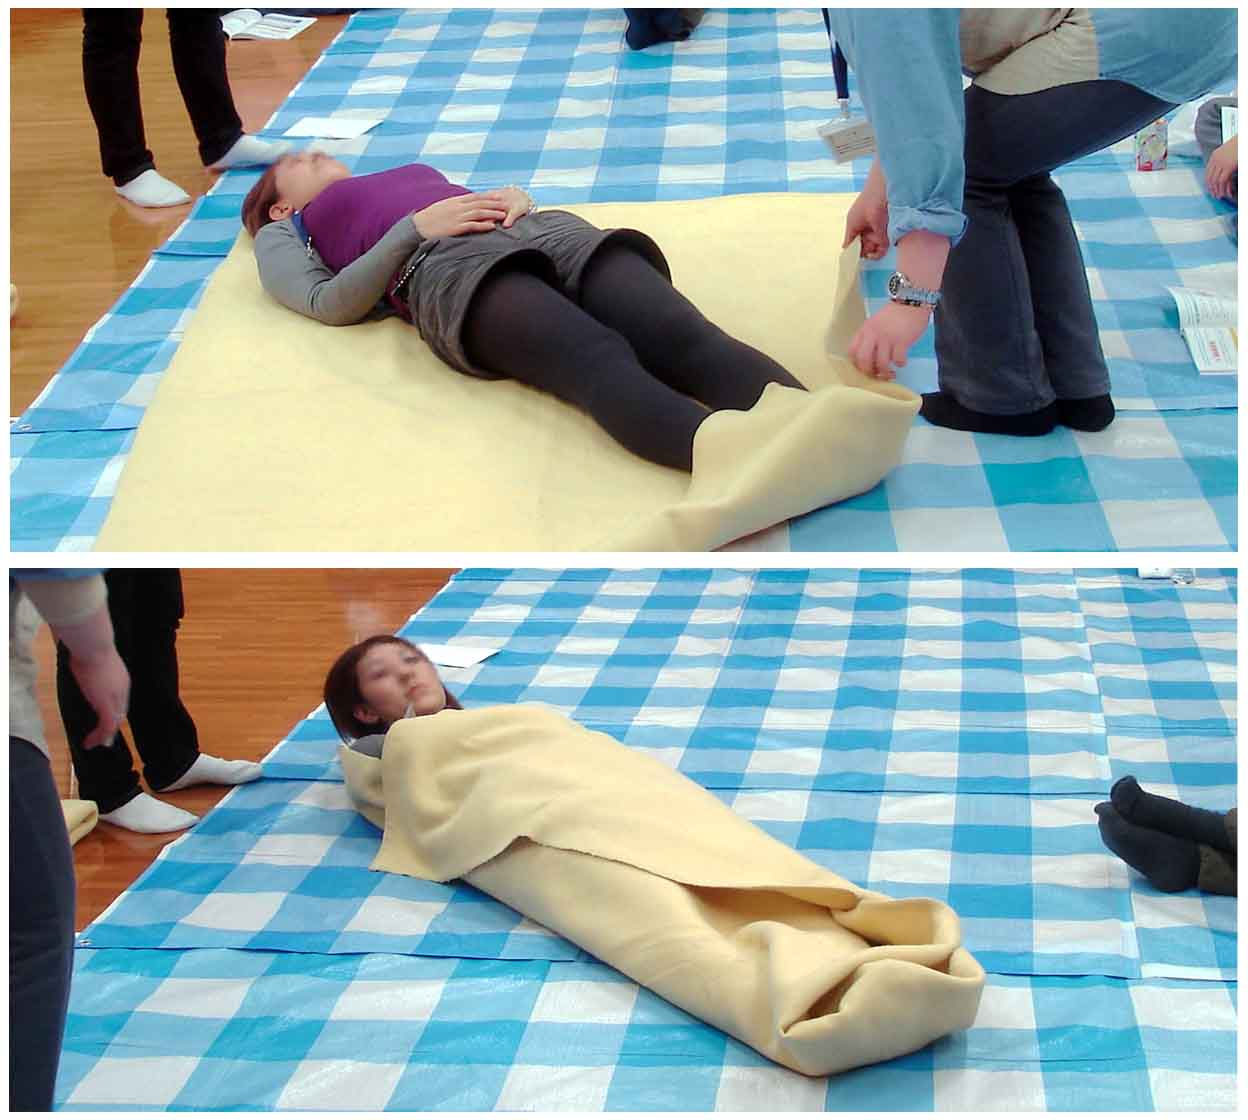 傷病者管理(毛布1枚による保温)